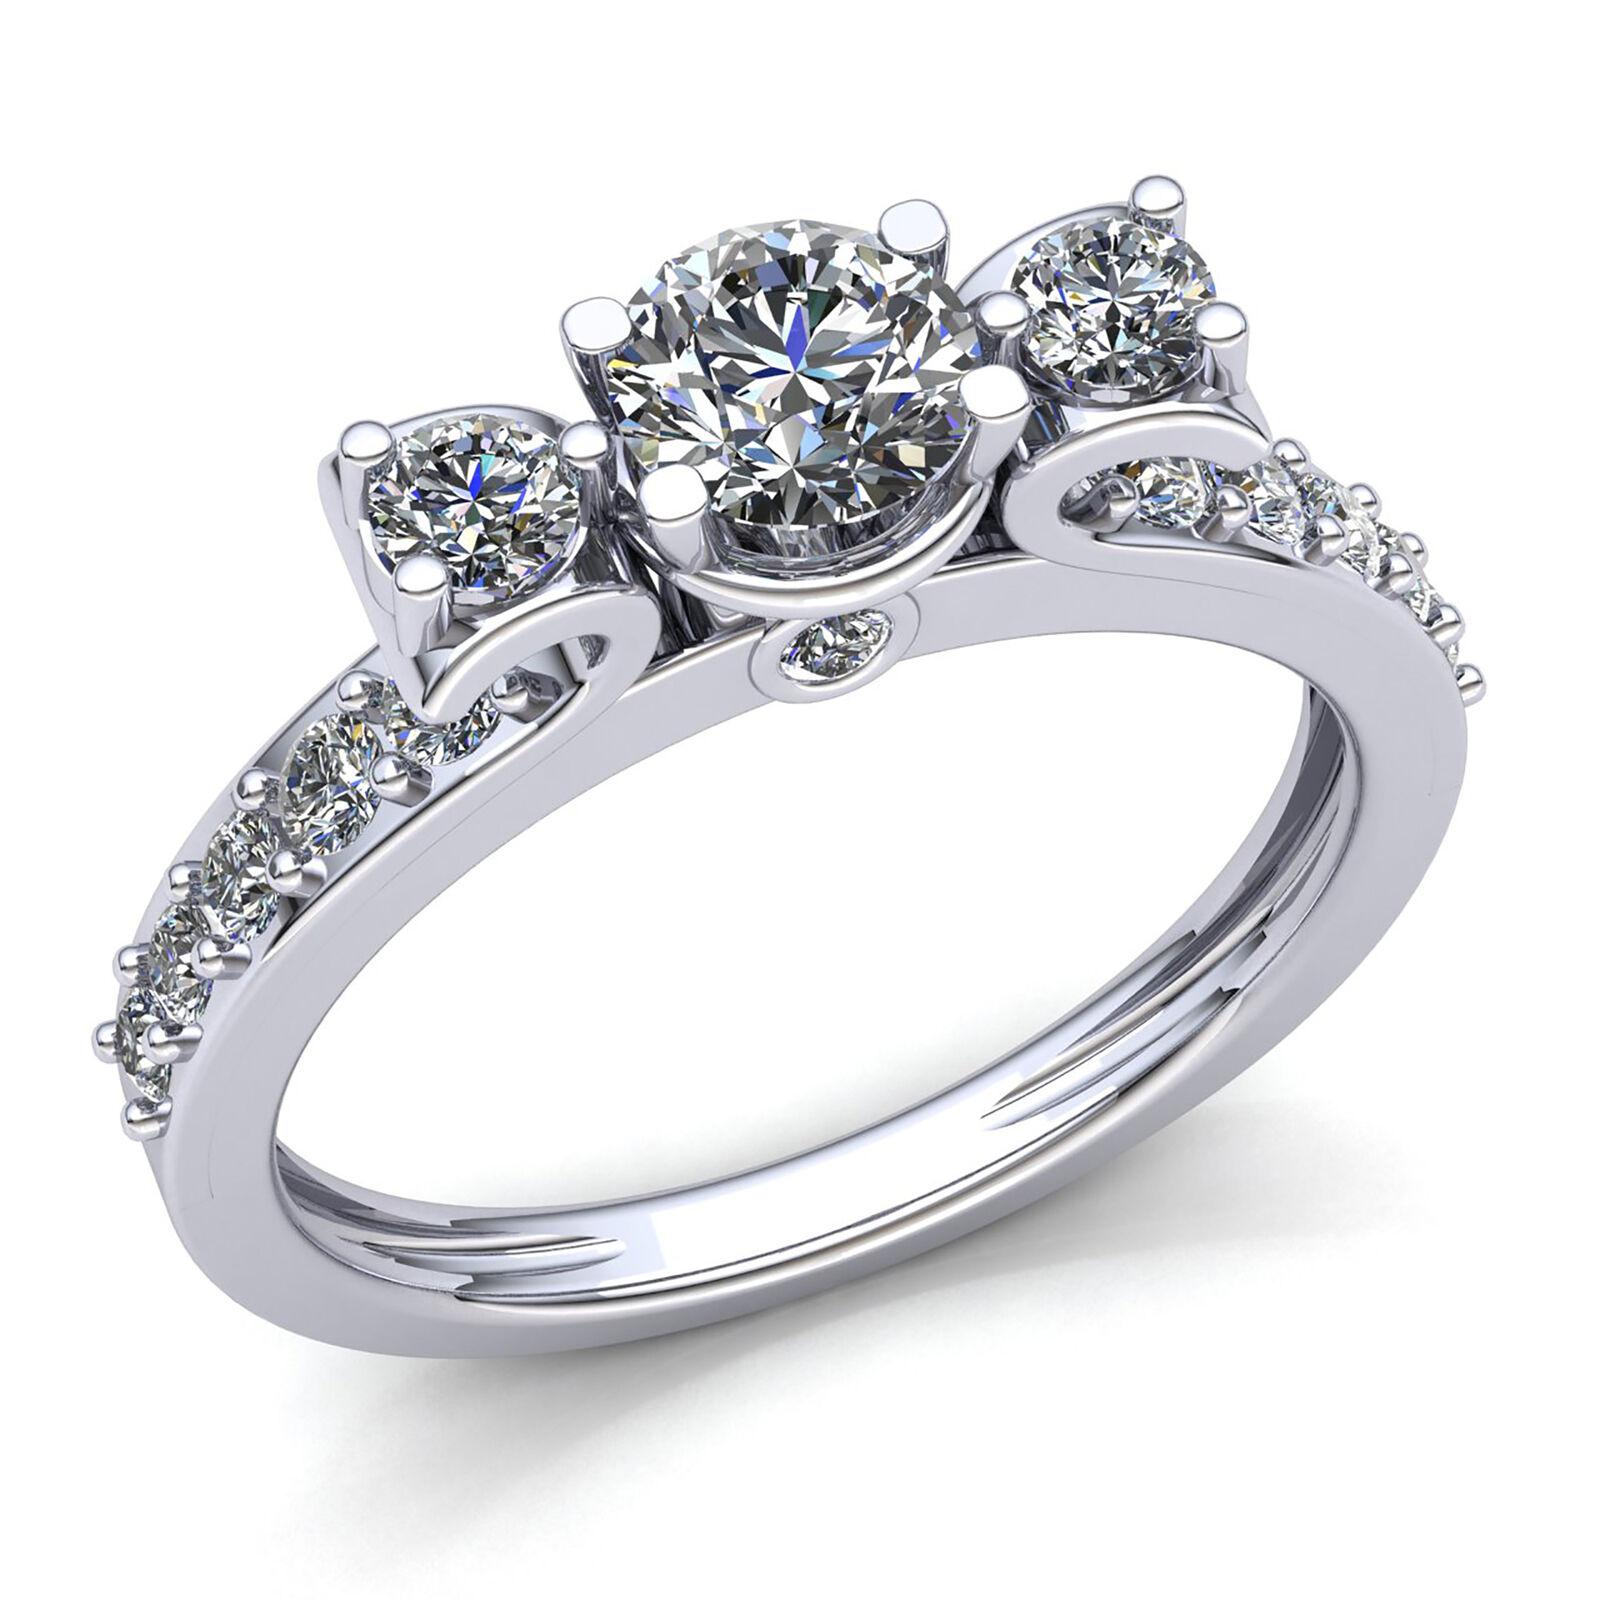 0.75carat Round Cut Diamond Ladies Past Present Future Engagement Ring 18K gold